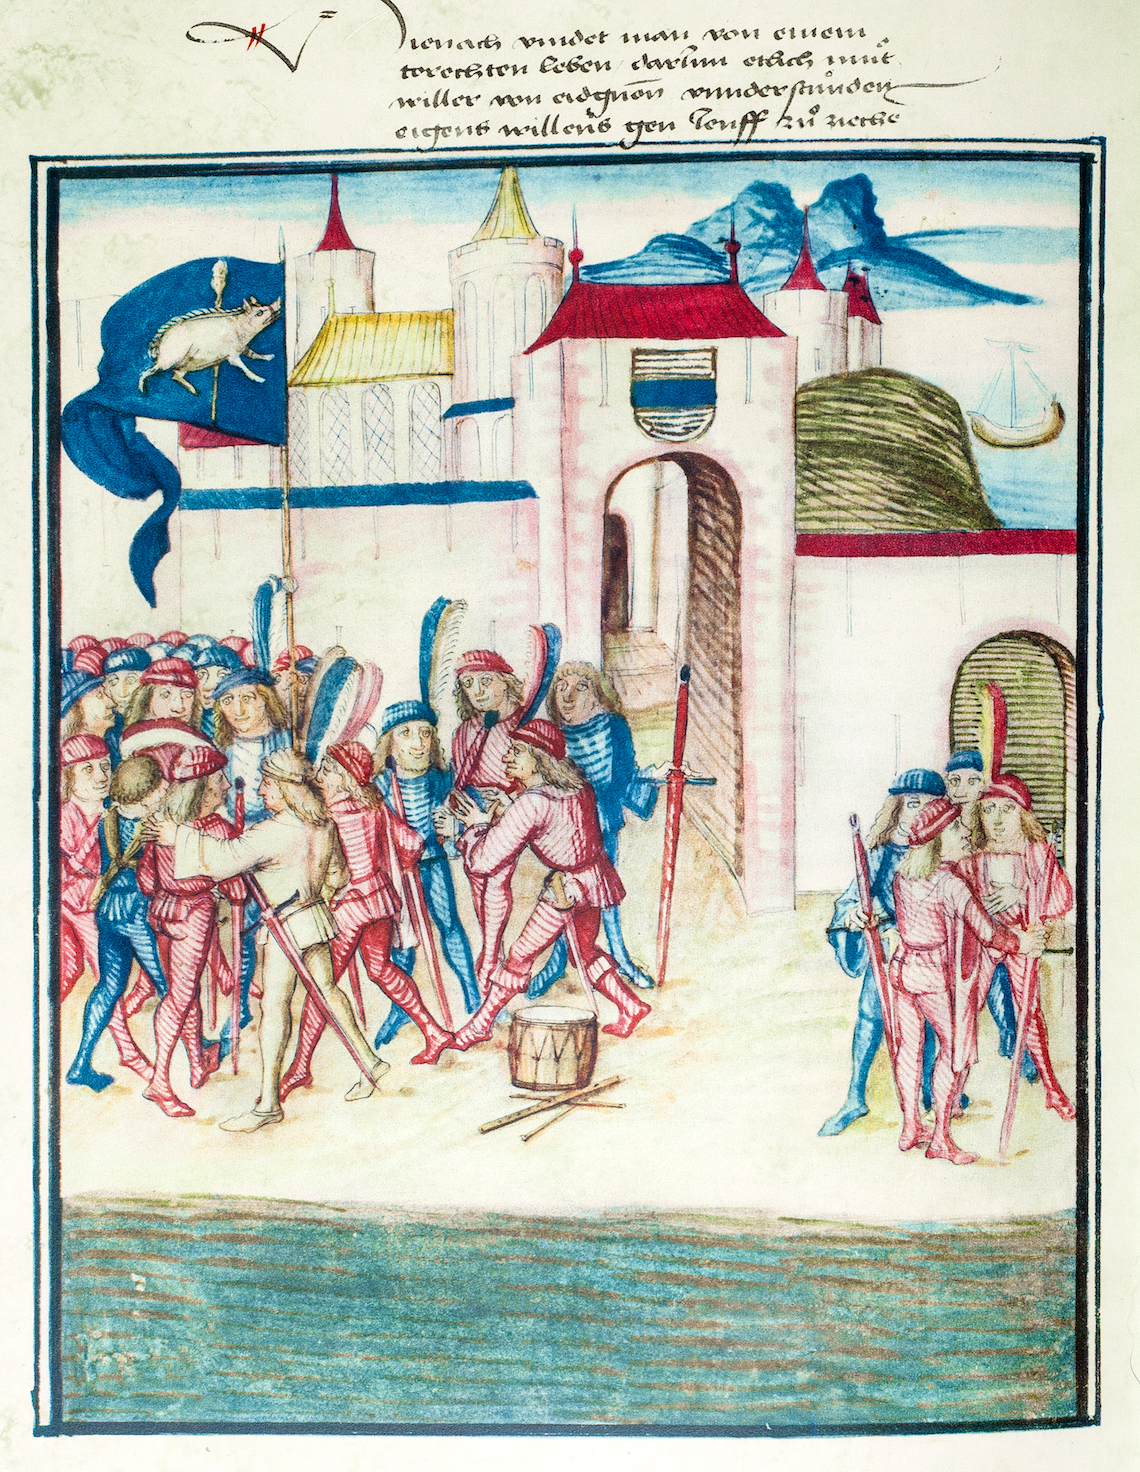 Die Brüder vom torechten Leben sammeln sich nach der Rückkehr von der Schlacht bei Nancy an der Zuger Fasnacht unter dem blauen Banner mit Kolben und Sau.